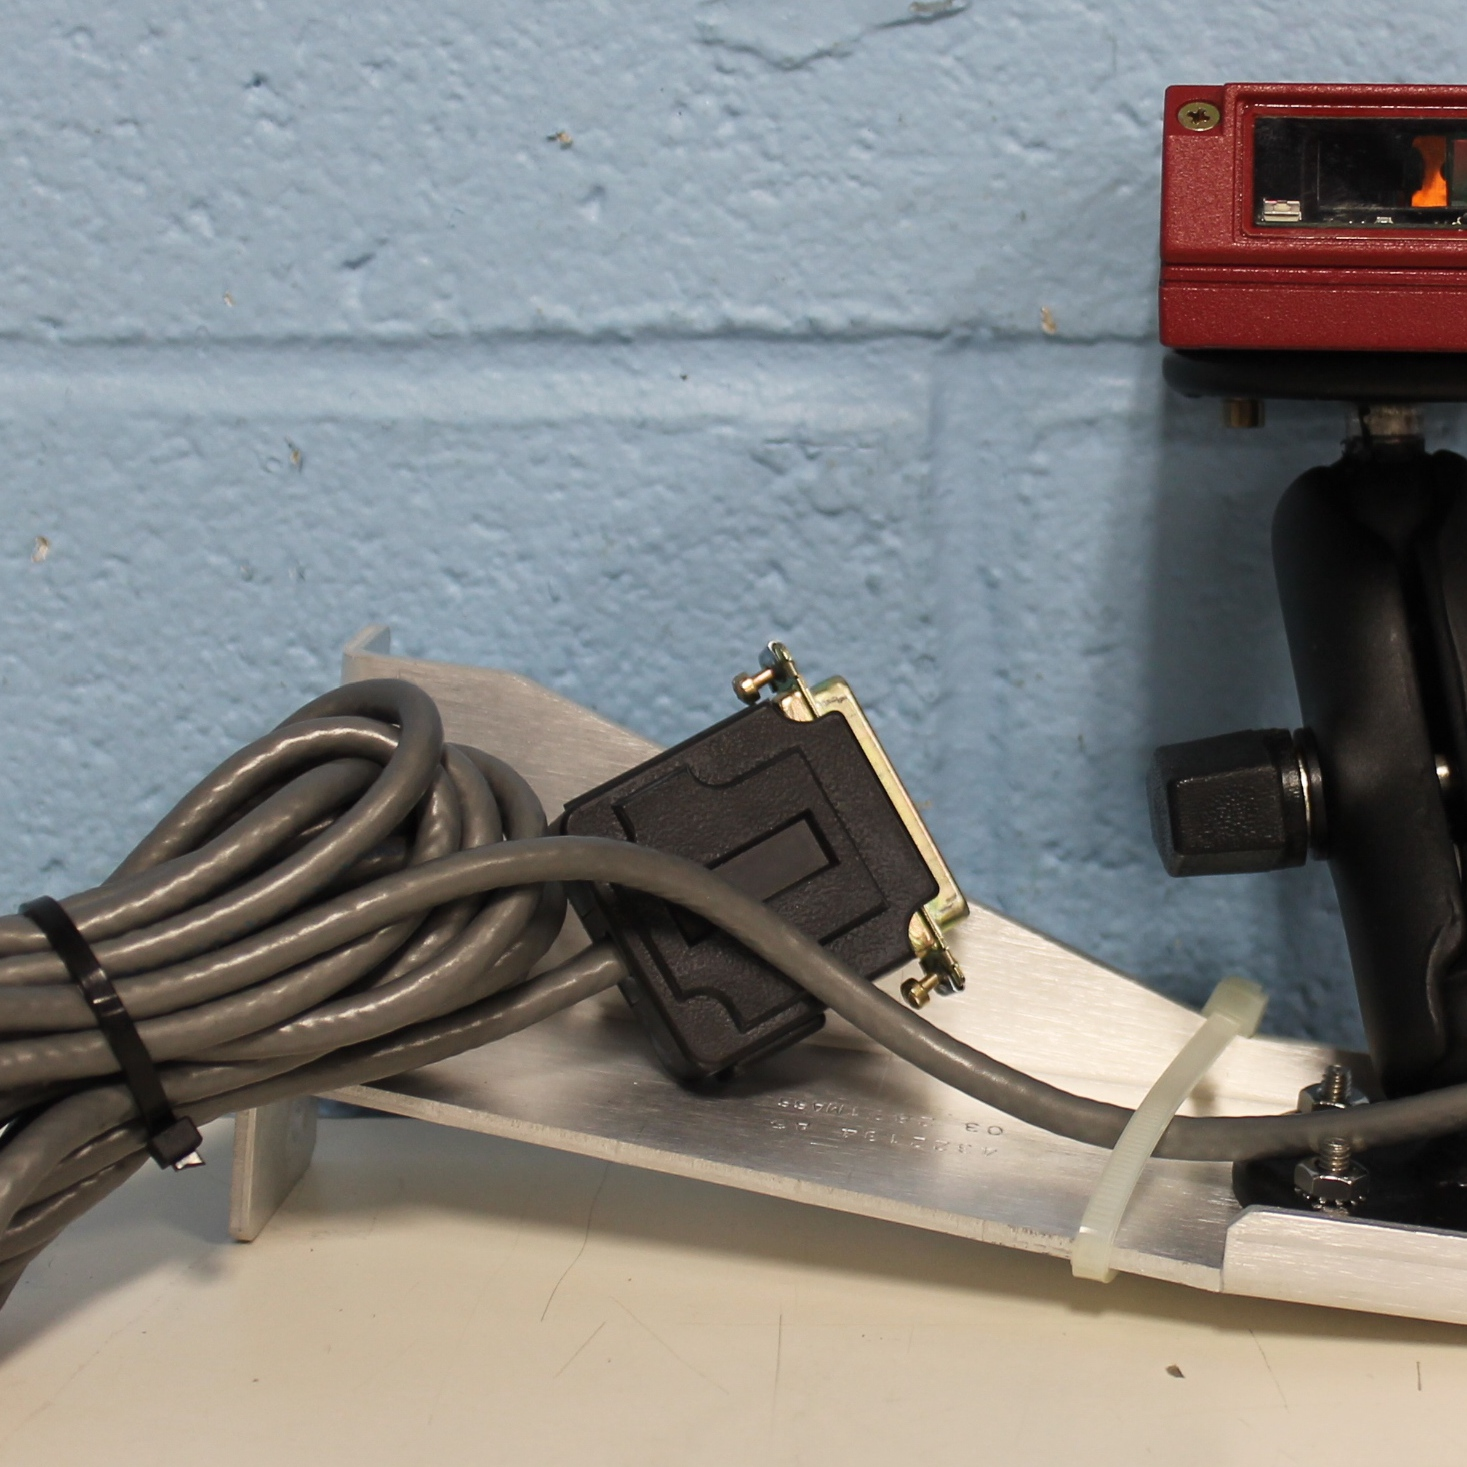 PCS Barcode Scanner Model 110311-1099 Image